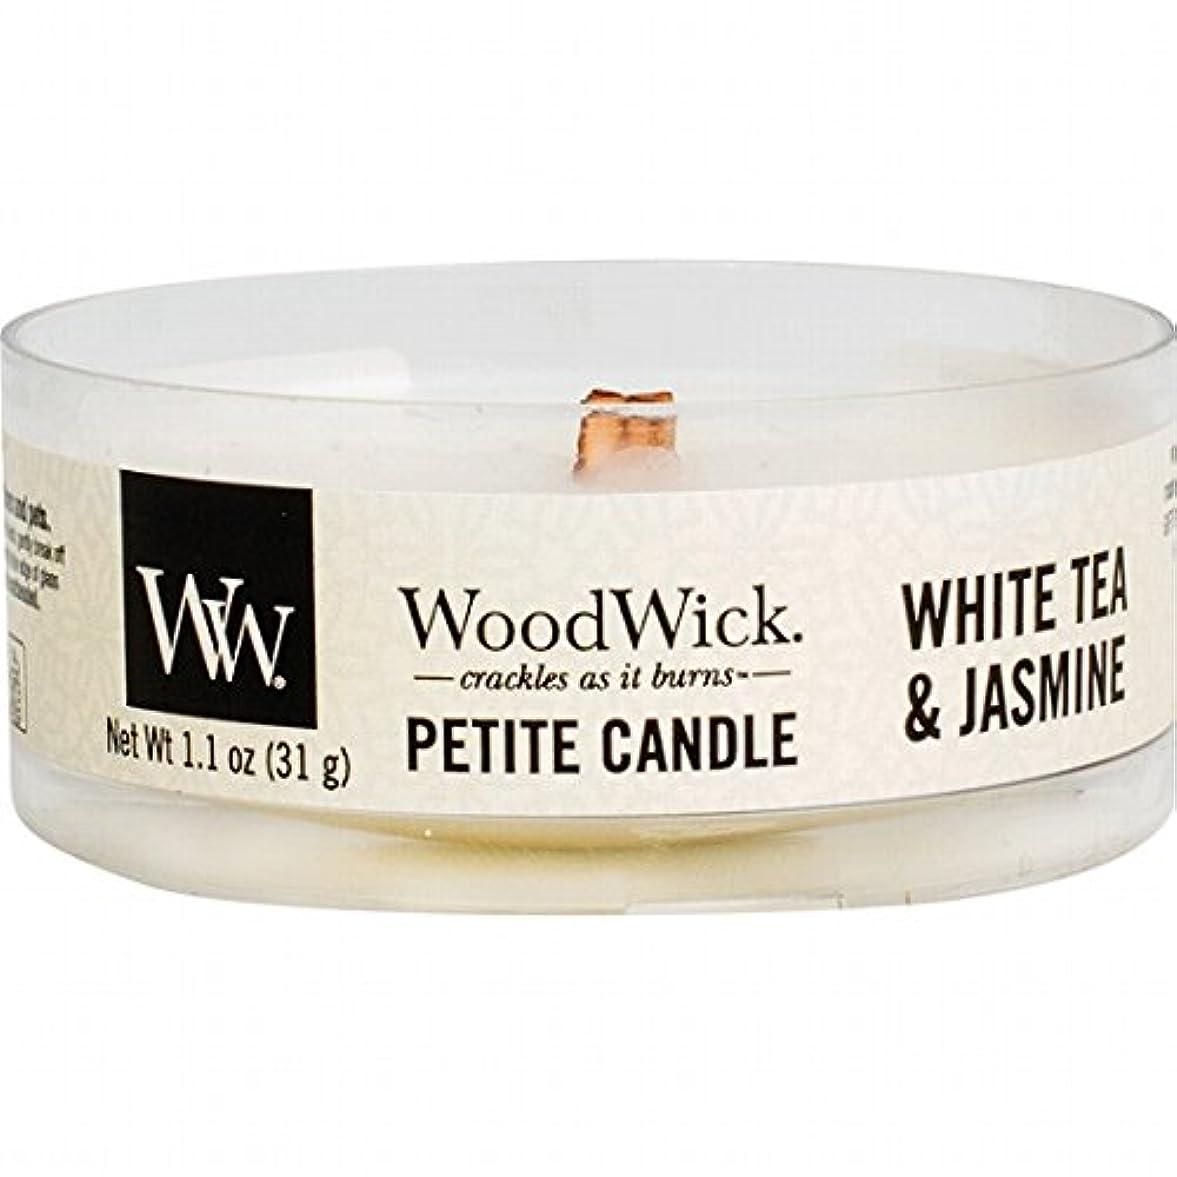 ホット周辺浸透するウッドウィック( WoodWick ) プチキャンドル 「 ホワイトティー&ジャスミン 」